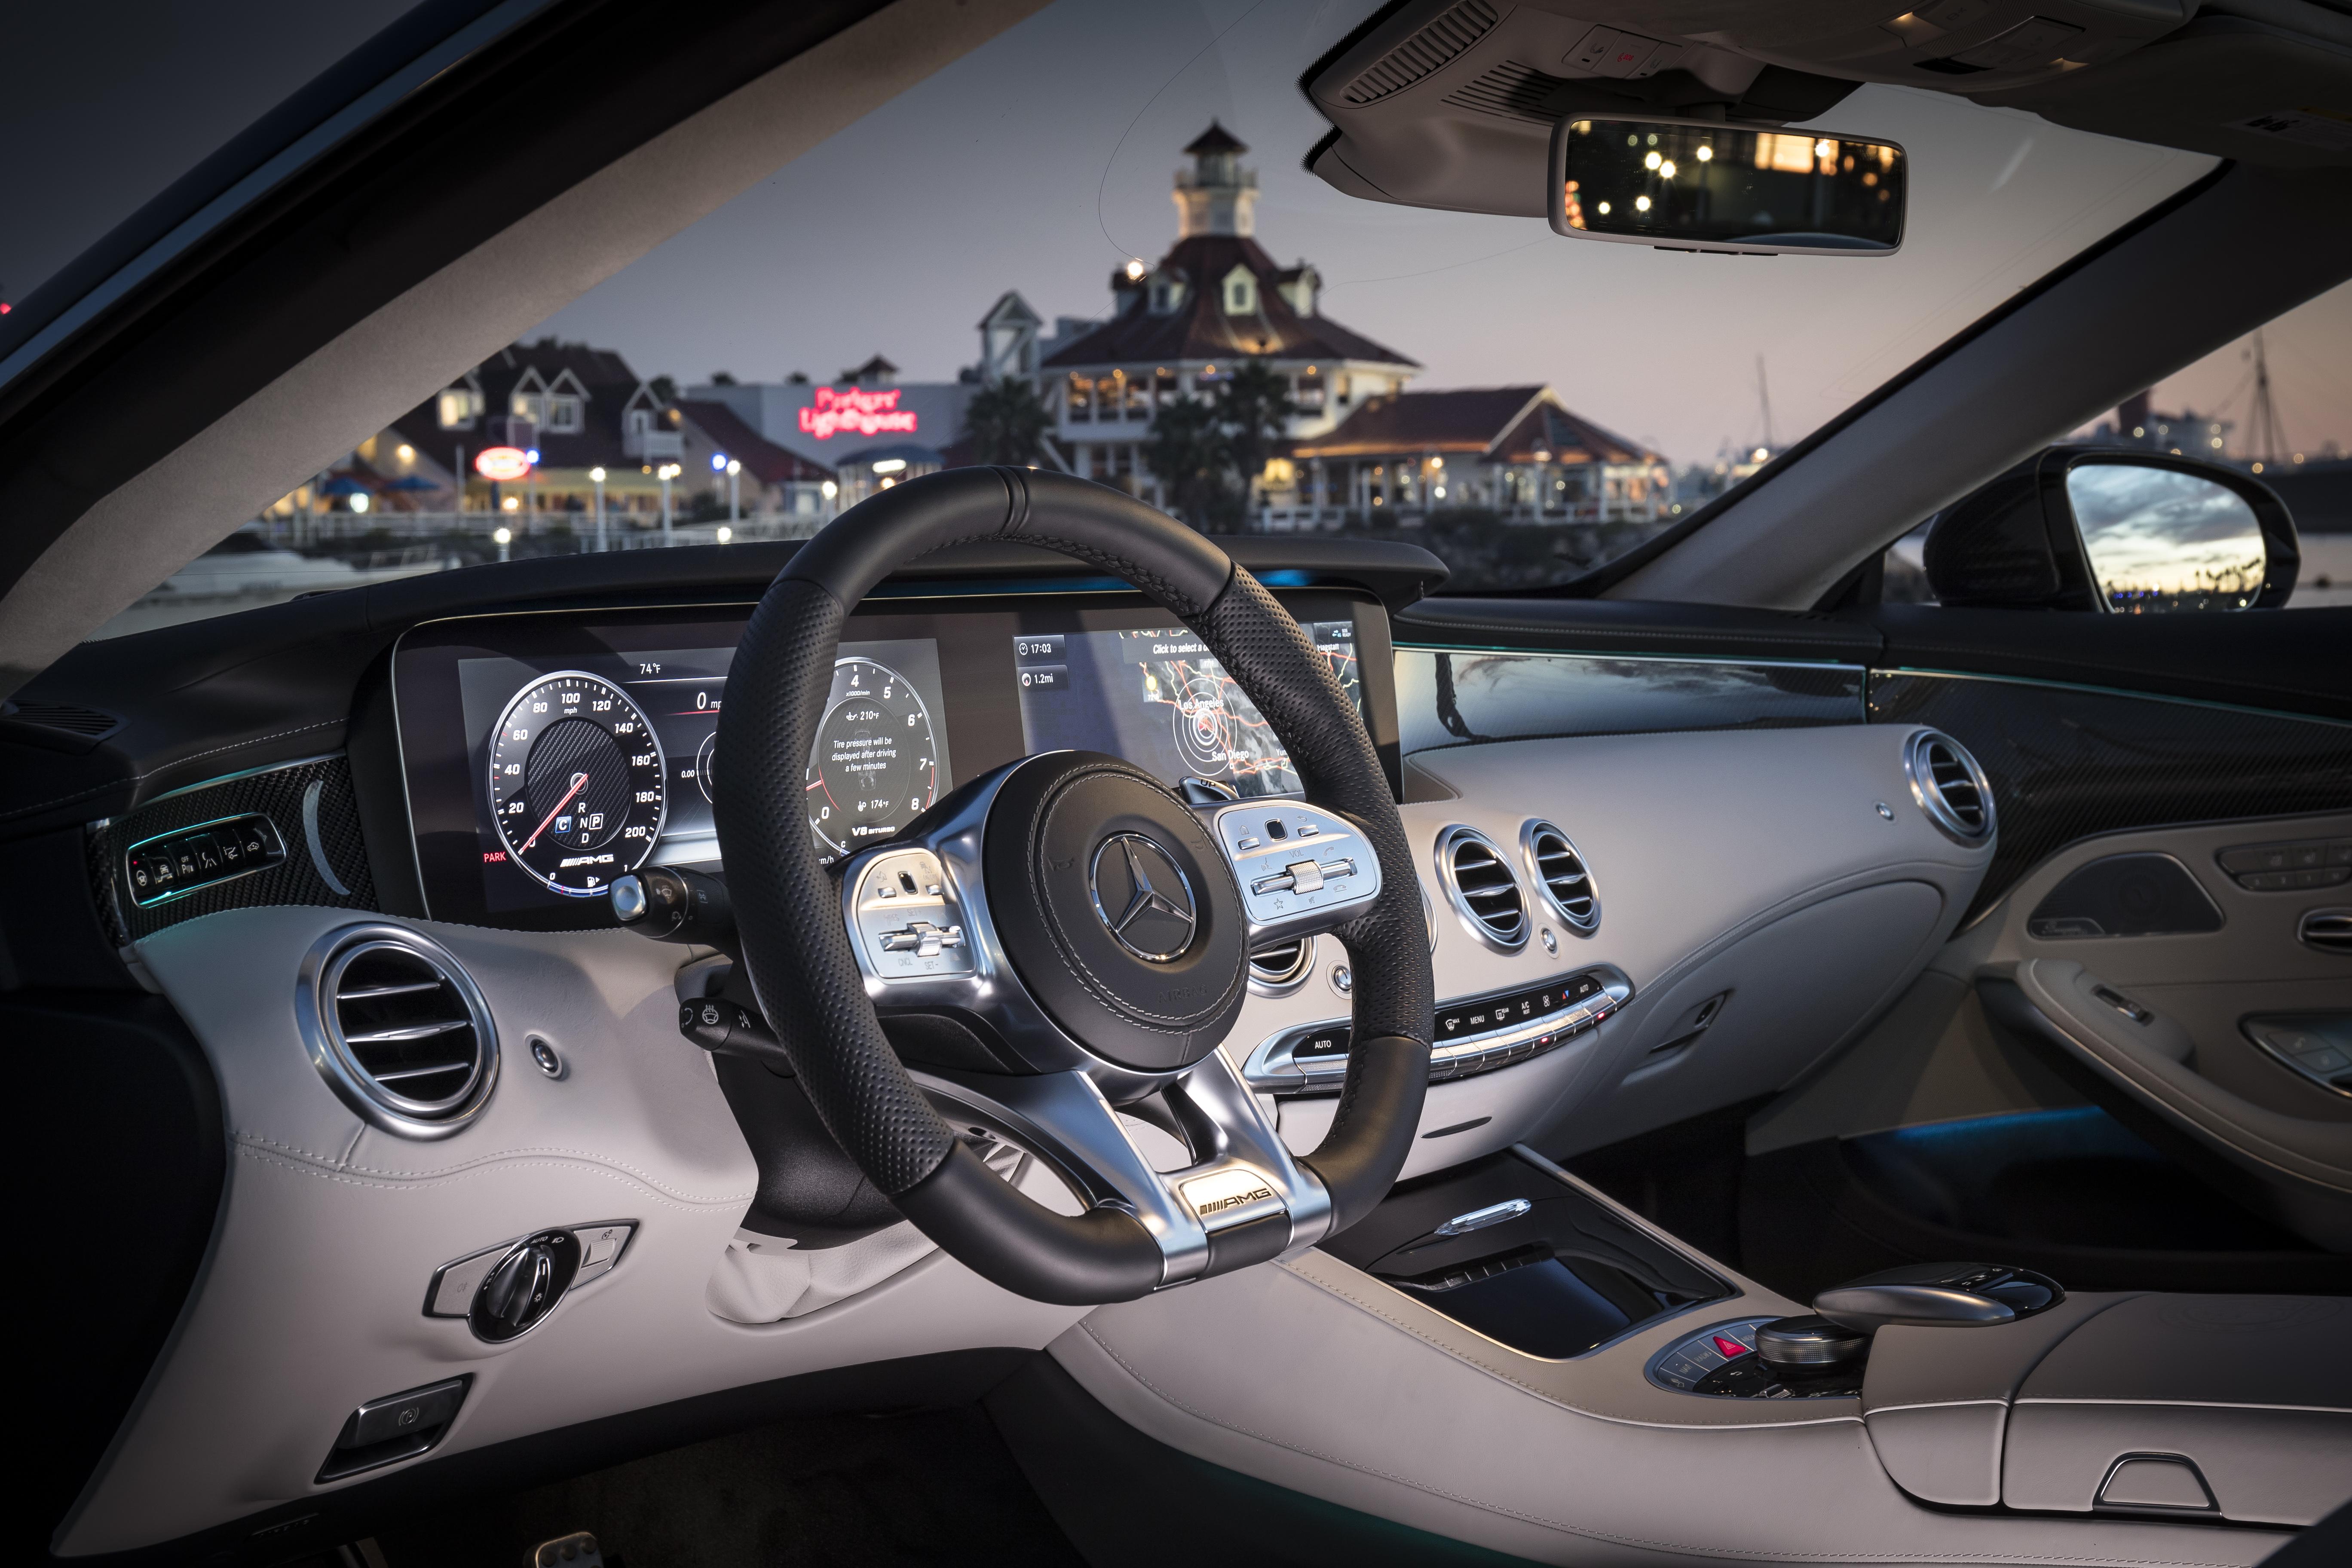 2018 Mercedes-AMG S63 Carbriolet